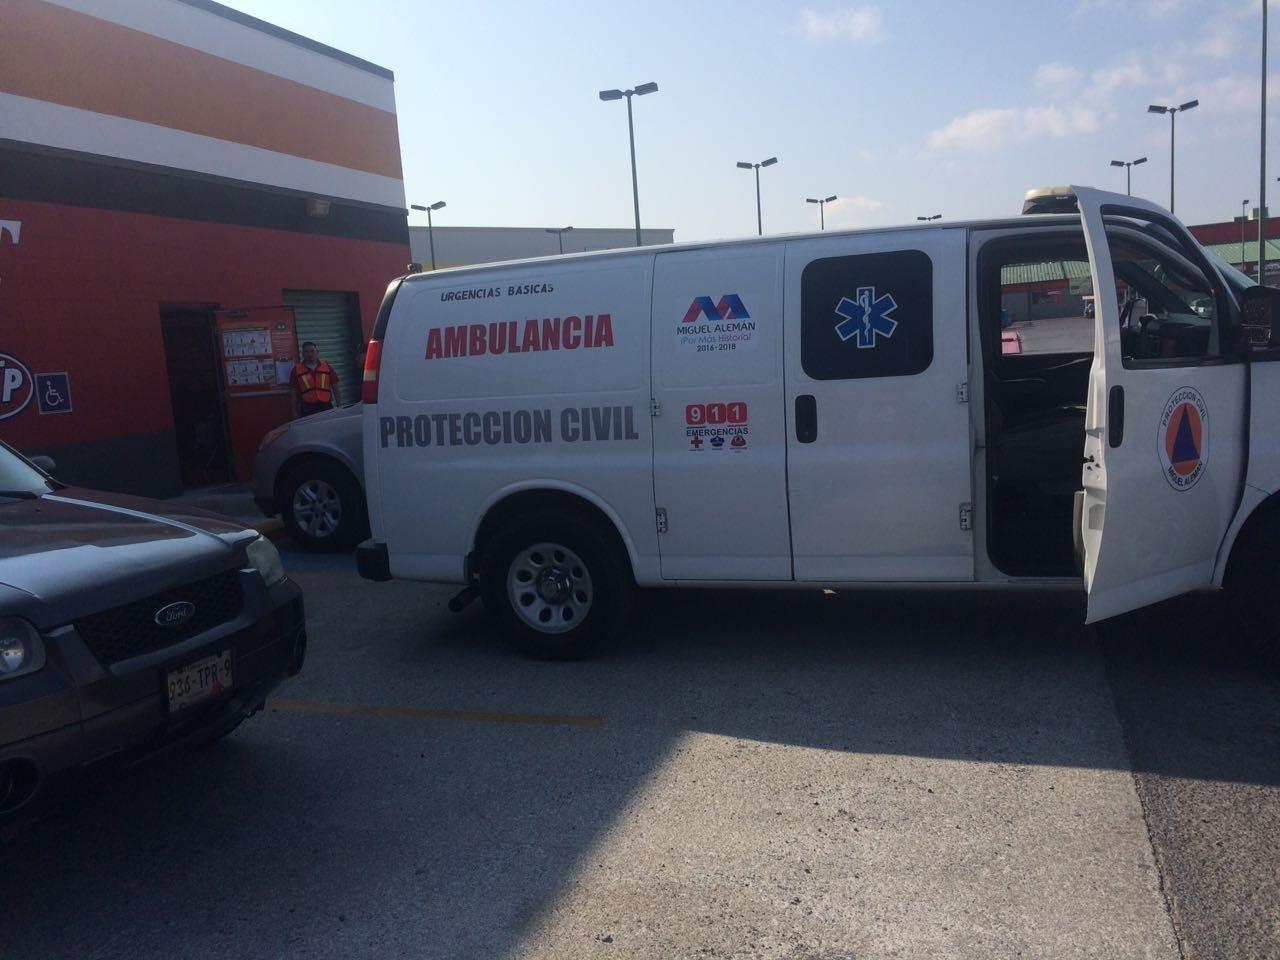 AMBULANCIA. Los socorristas y paramédicos de Protección Civil también participaron durante el simulacro de sismo y evacuación, logrando obtener buen tiempo de respuesta a la supuesta contingencia.